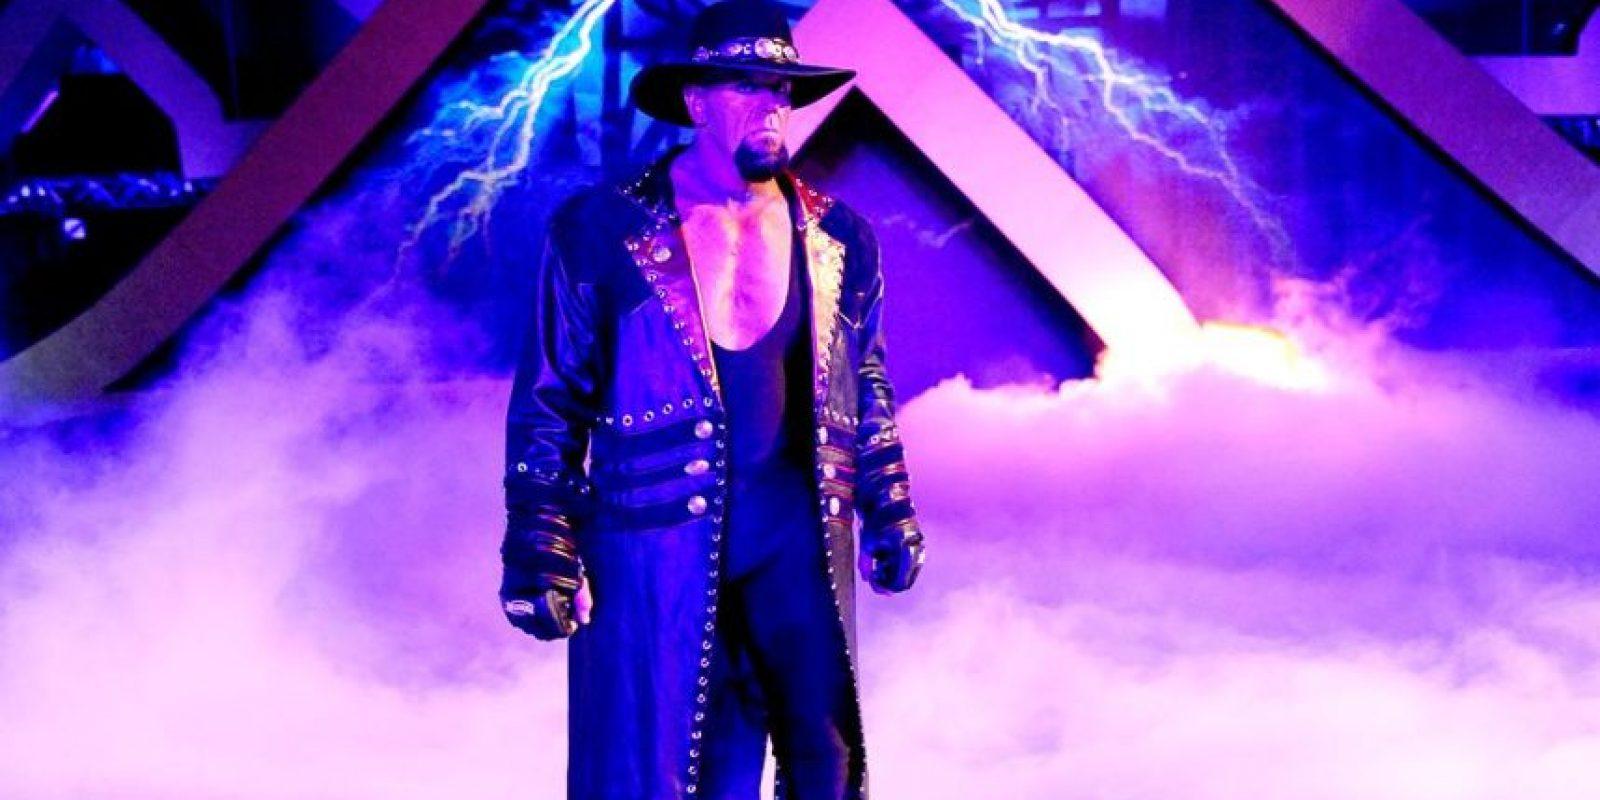 Se espera que Taker conteste en la función de Raw de esta noche Foto:WWE